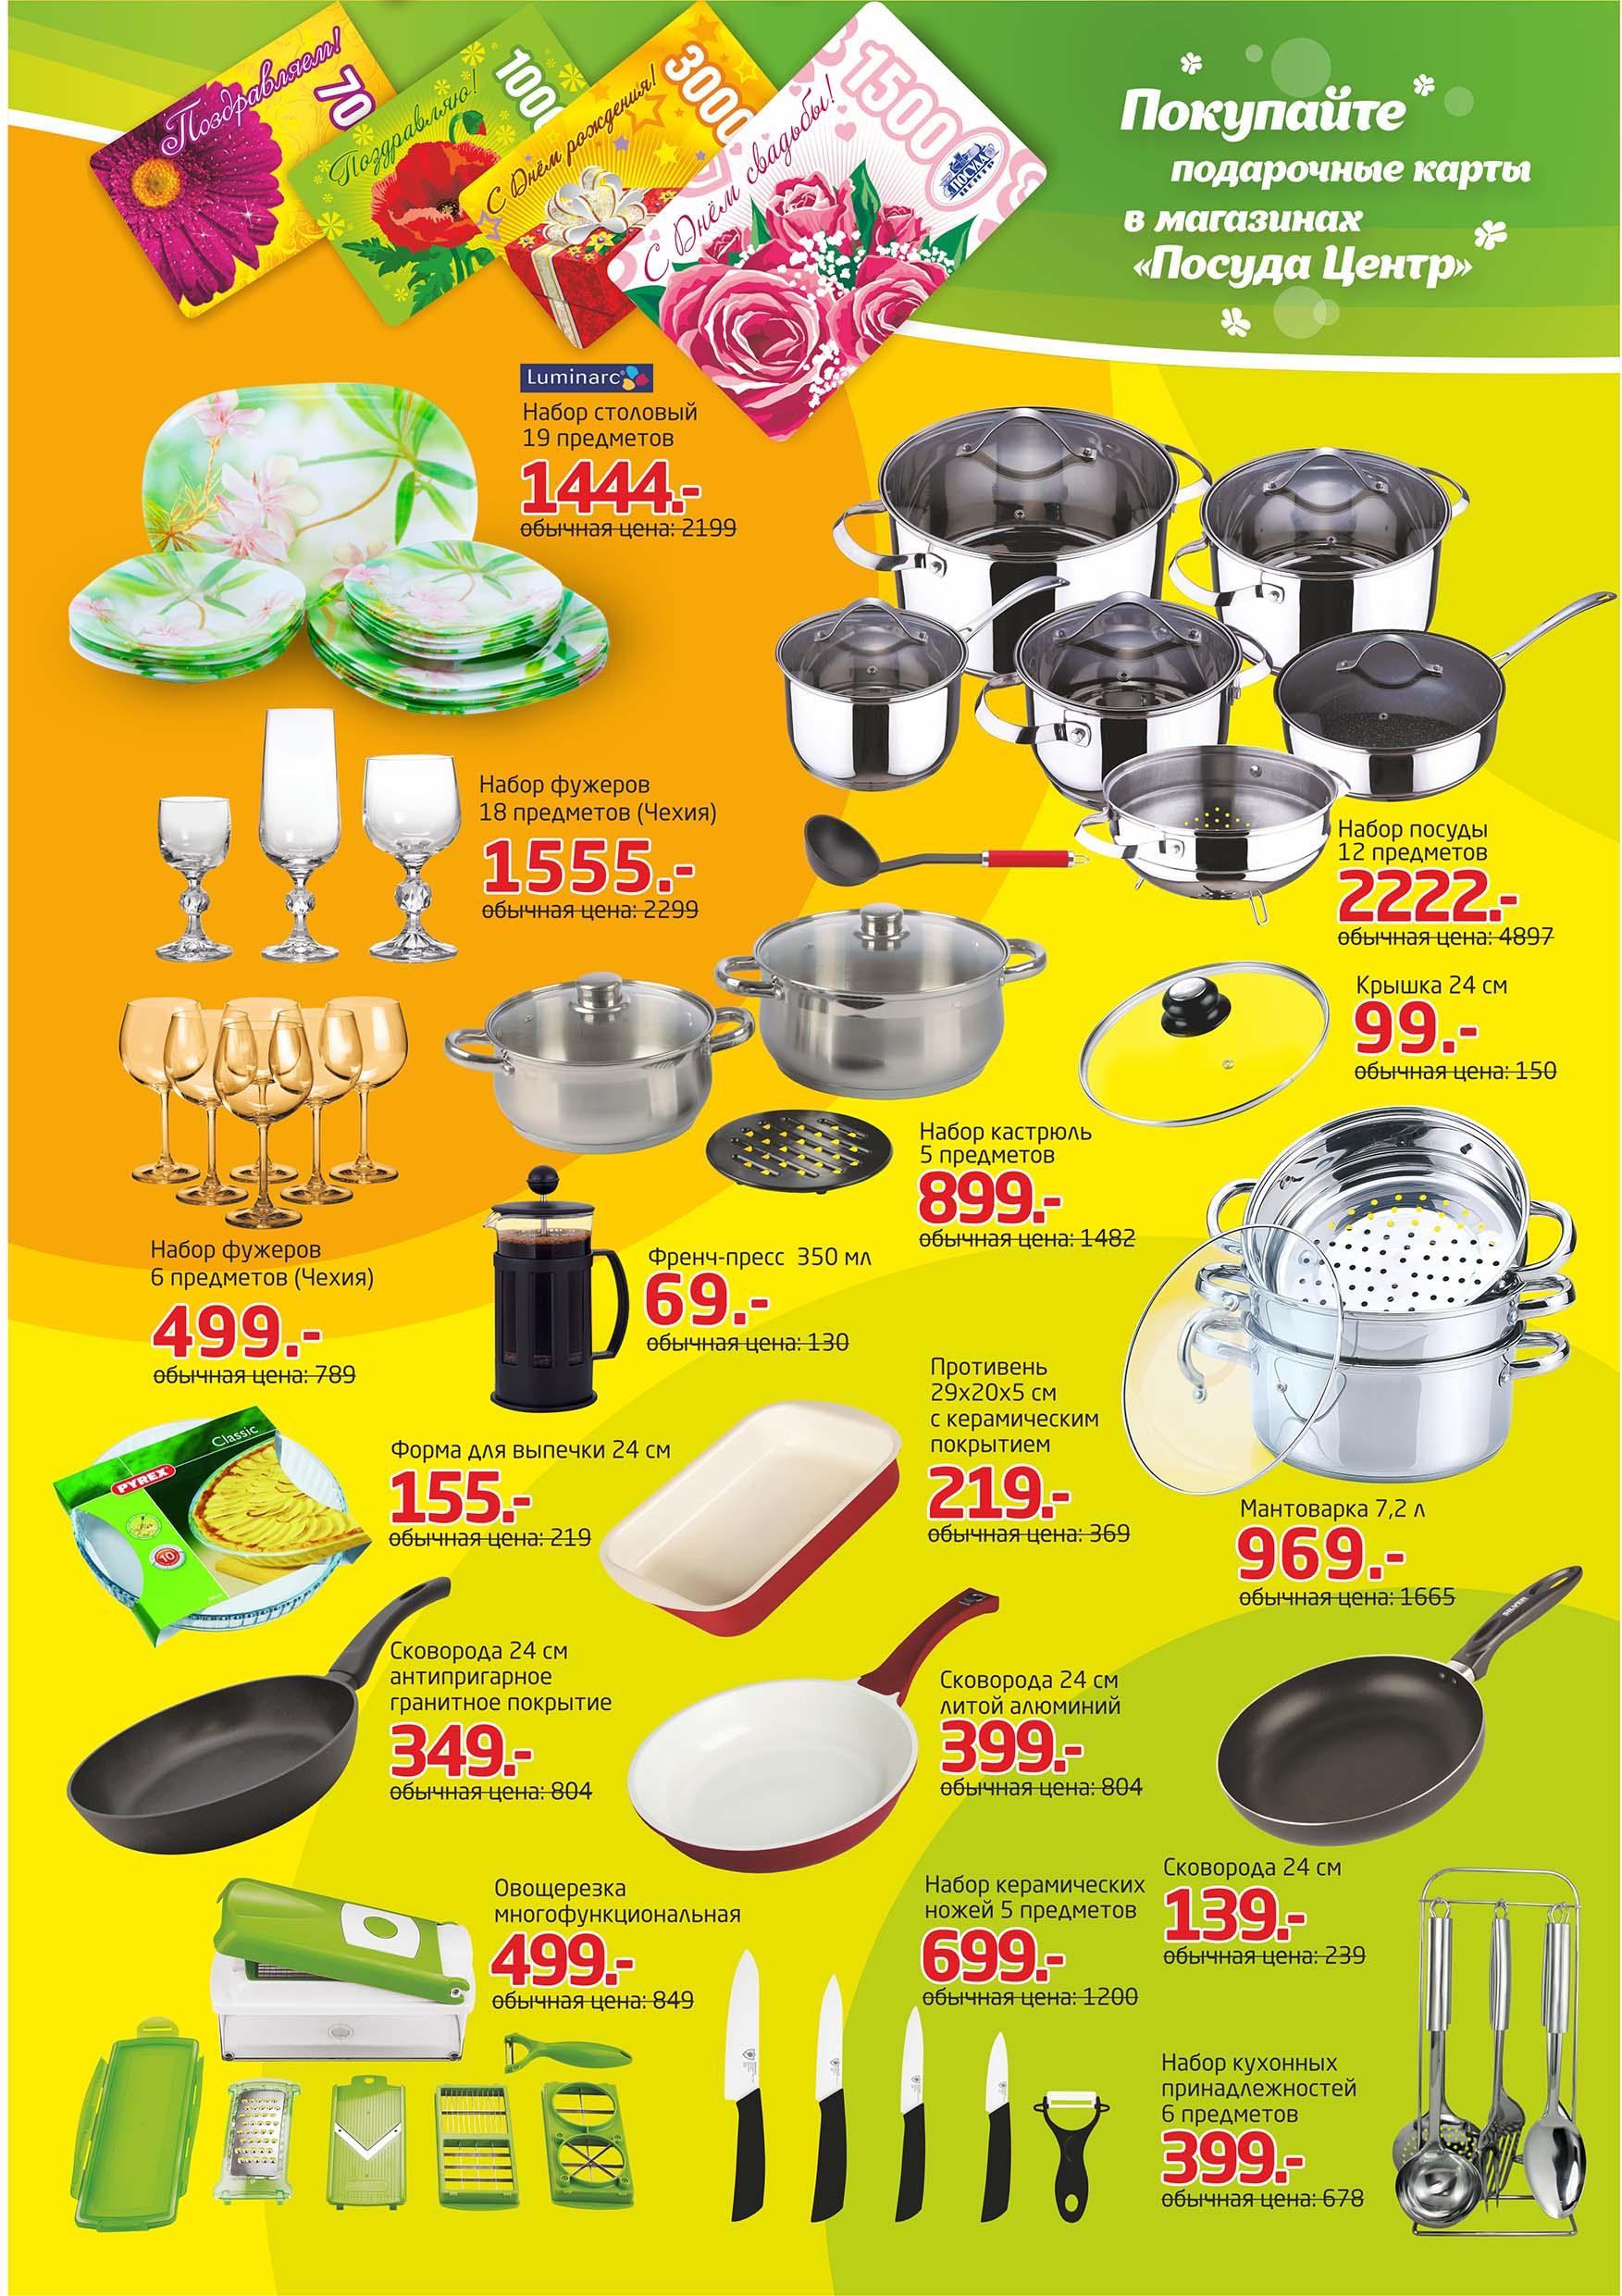 c494c425b Розничная сеть магазинов «Посуда Центр» является лидером на рынке  посудо-хозяйственных товаров и входит в пятерку крупнейших предприятий в  России по данному ...